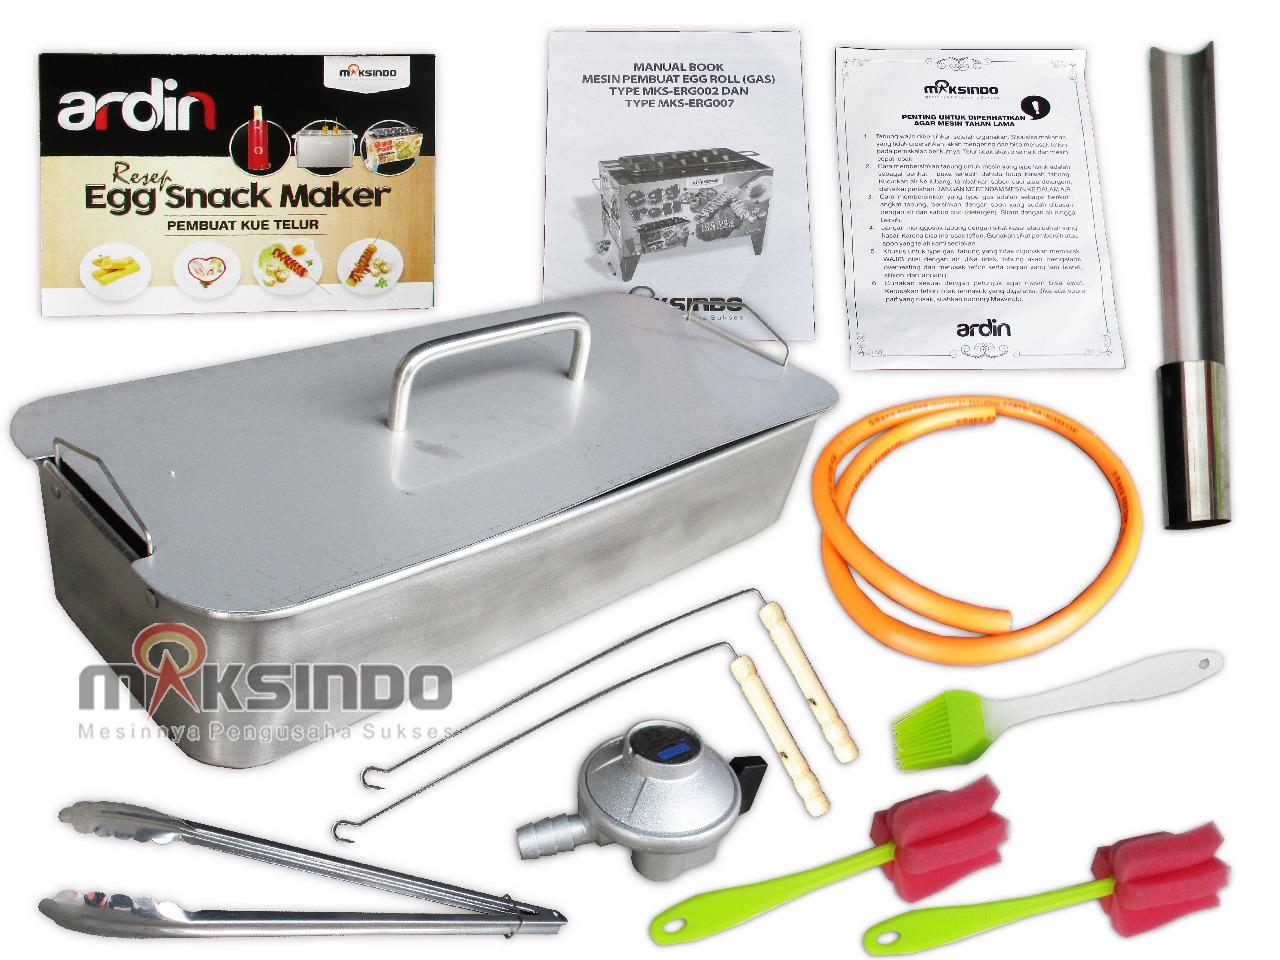 Mesin Egg Roll Gas 2in1 Plus Fryer Erg007 Maksindo Toko Alat Sosis Telur 4 Lubang Sostel Lobang